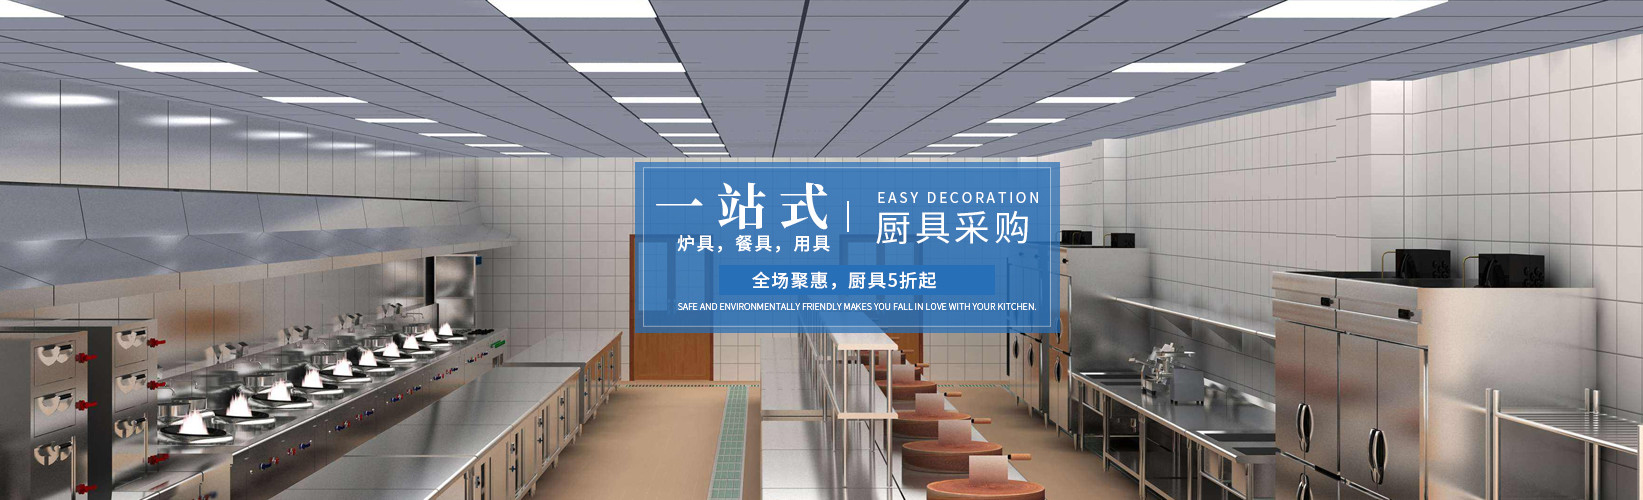 厨房设备采购_厨房设备相关-四川海银鑫科技有限公司